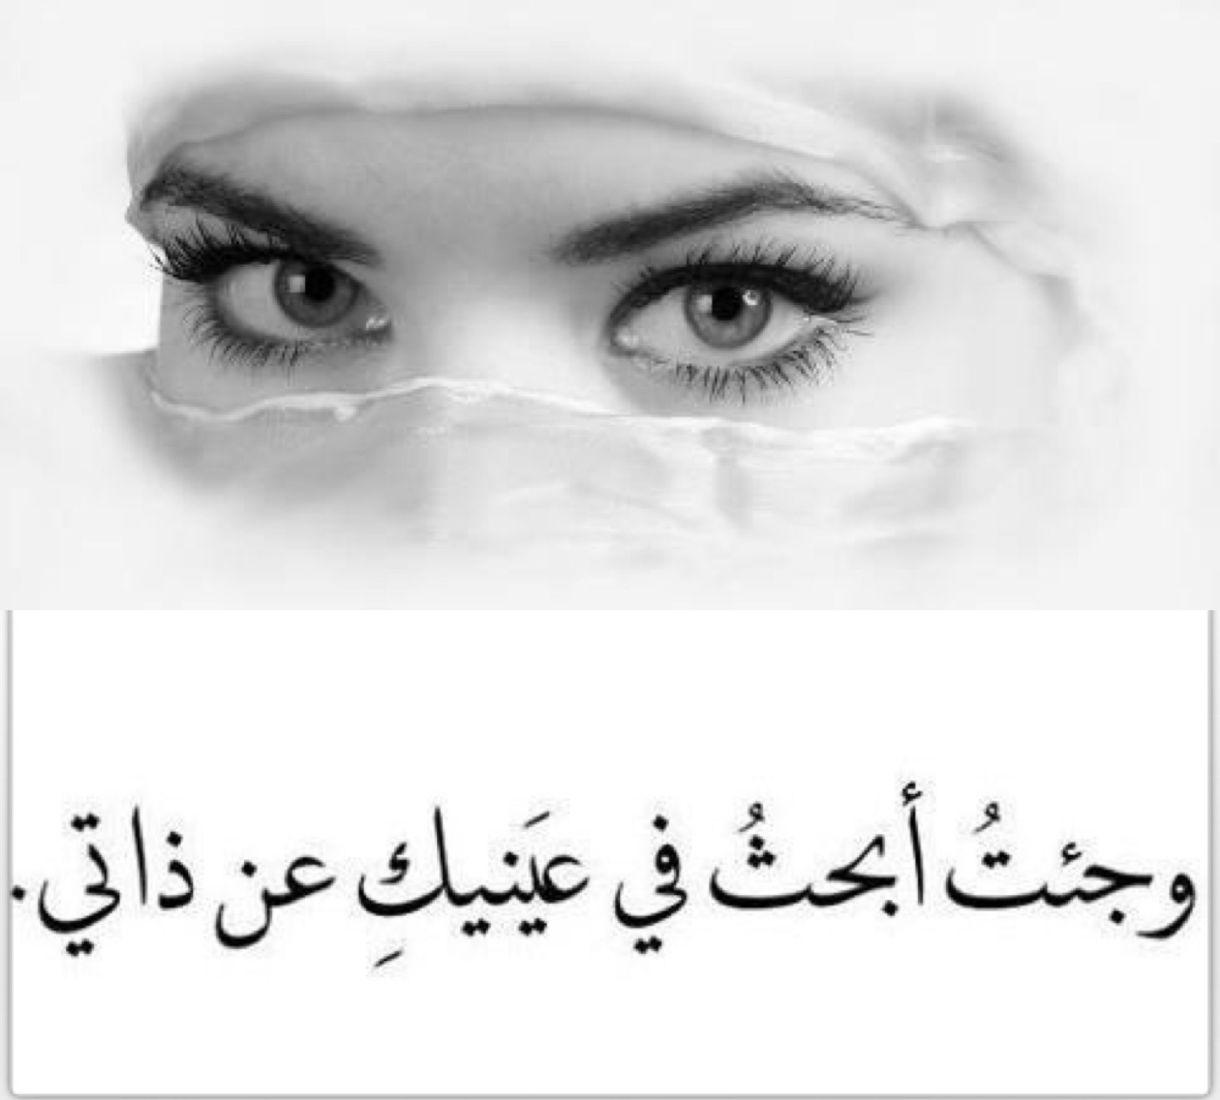 العيون